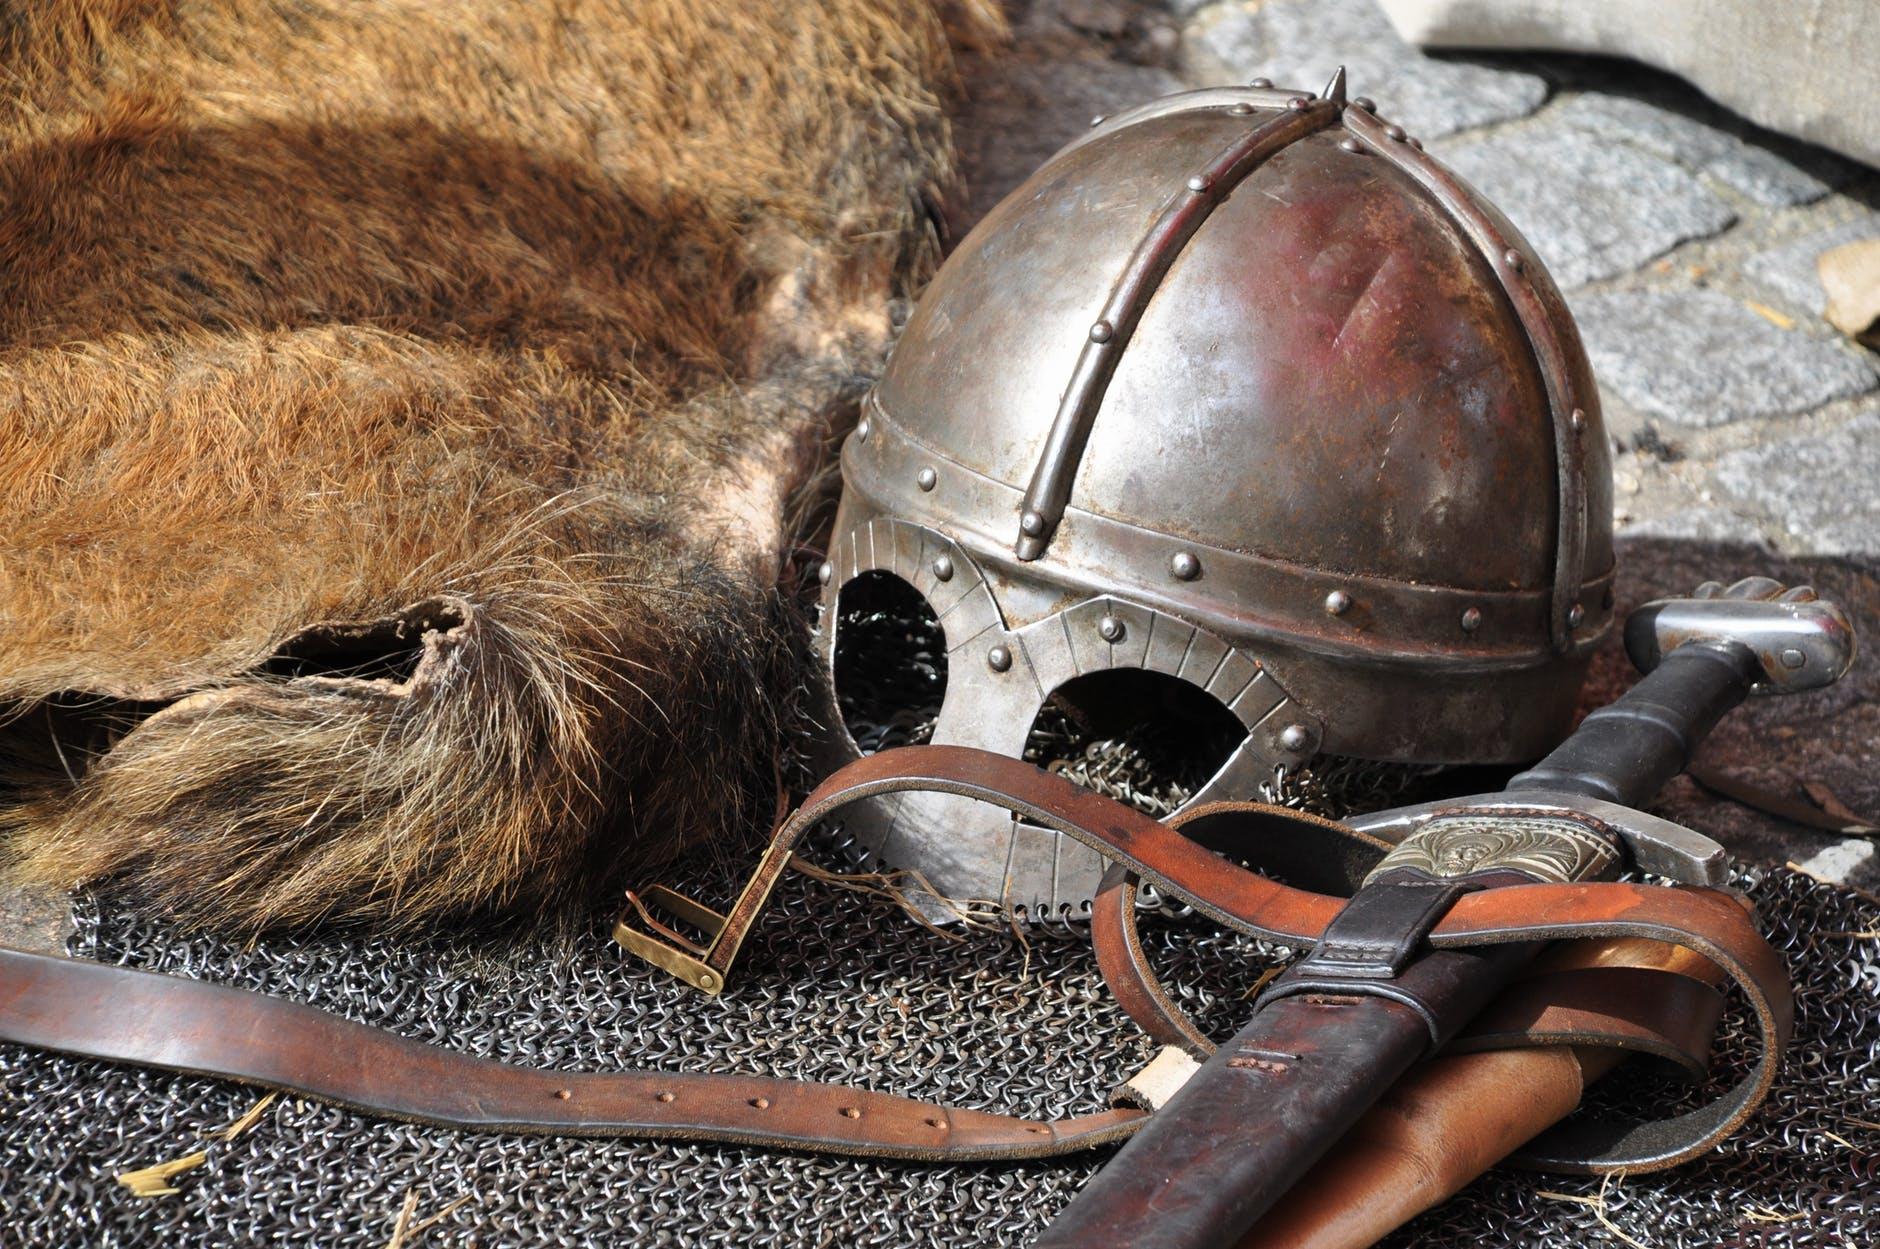 Hétköznapok, művelődés a középkorban